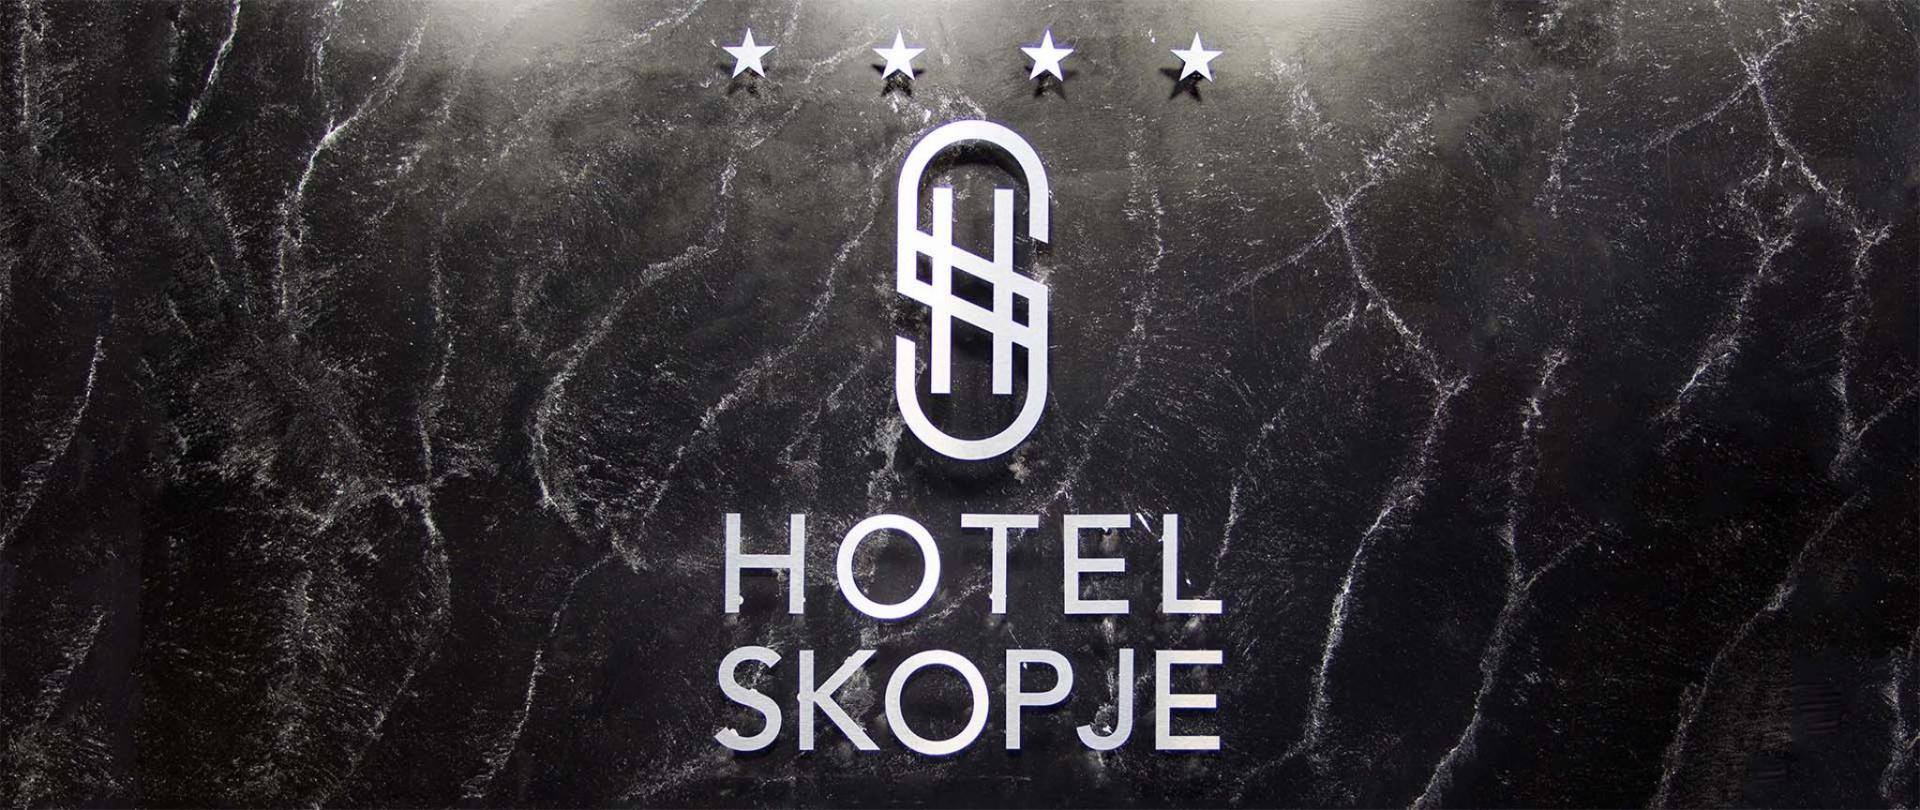 1920x810_hotel_skopje_200kb.jpg